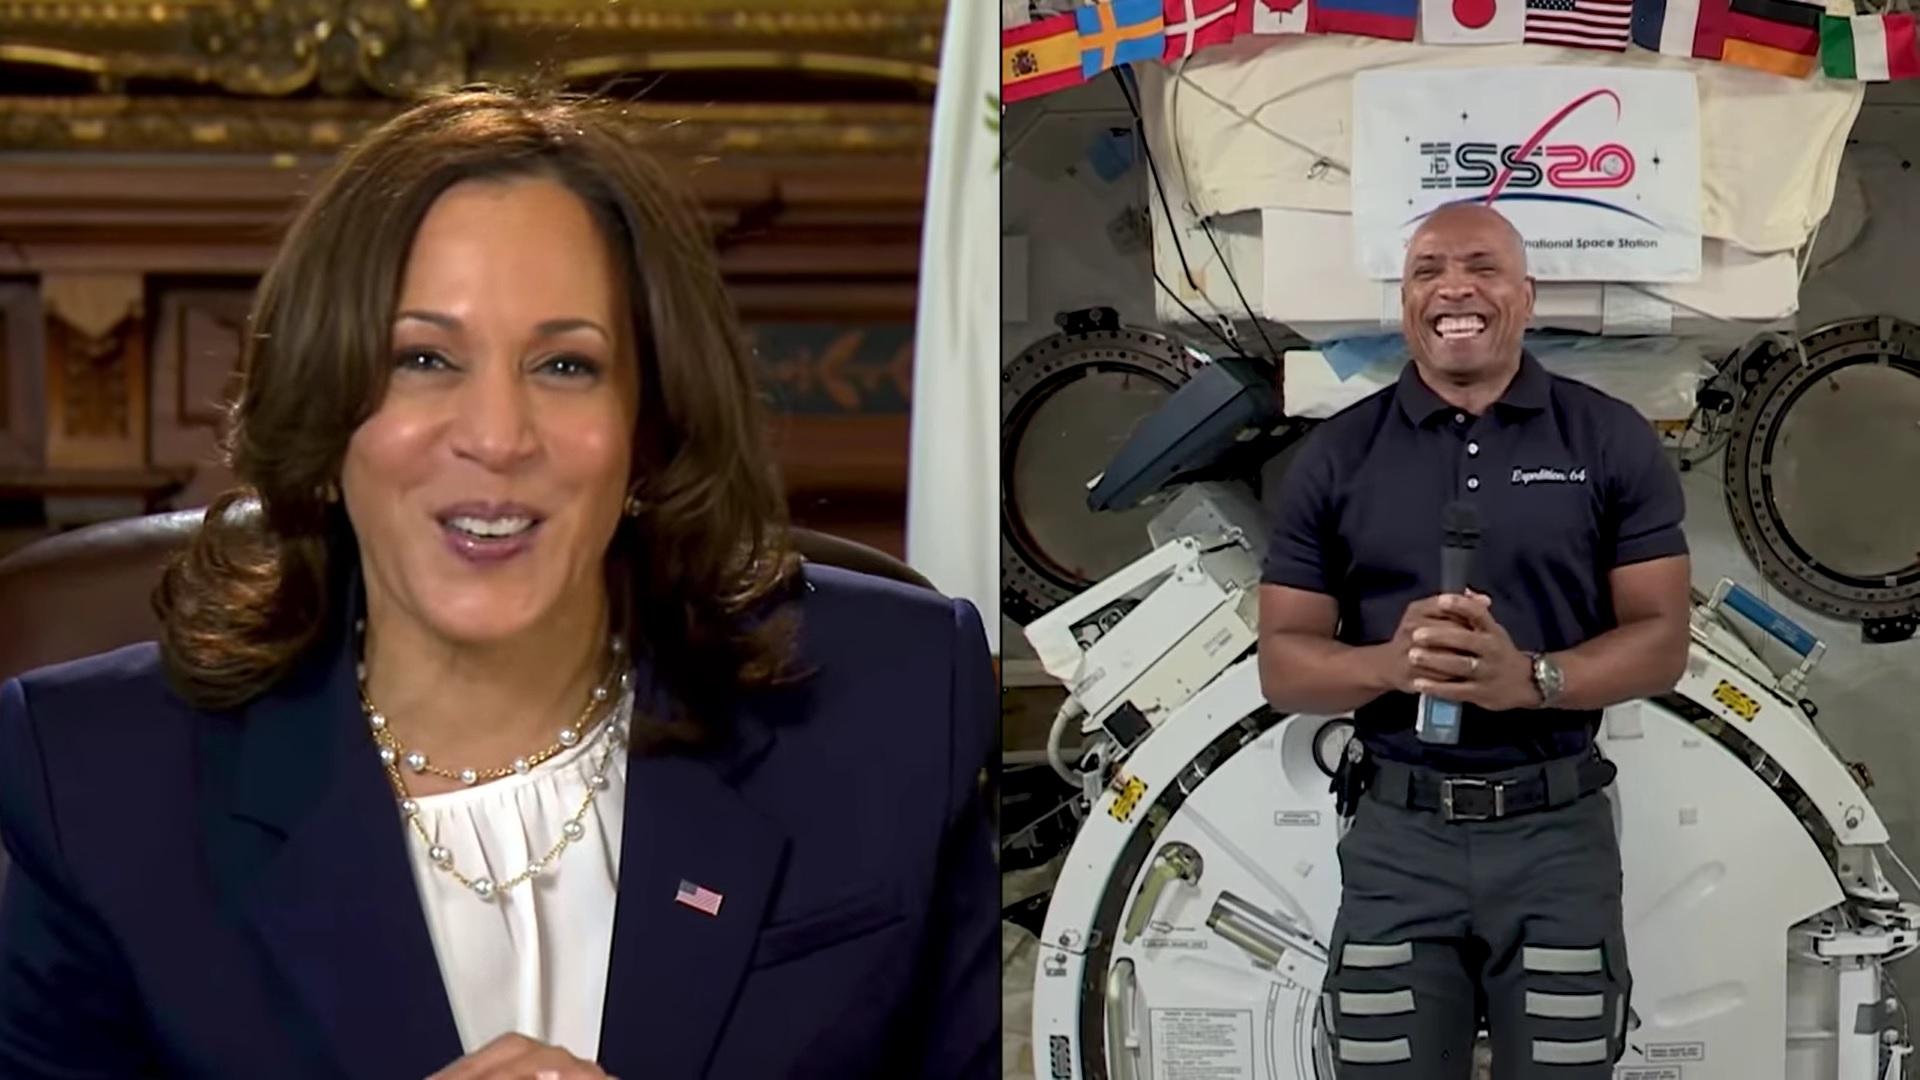 Le vice-président américain Kamala Harris s'entretient avec l'astronaute de la NASA Victor Glover pour célébrer sa mission vers la Station spatiale internationale lors d'un appel vidéo de février 2021.